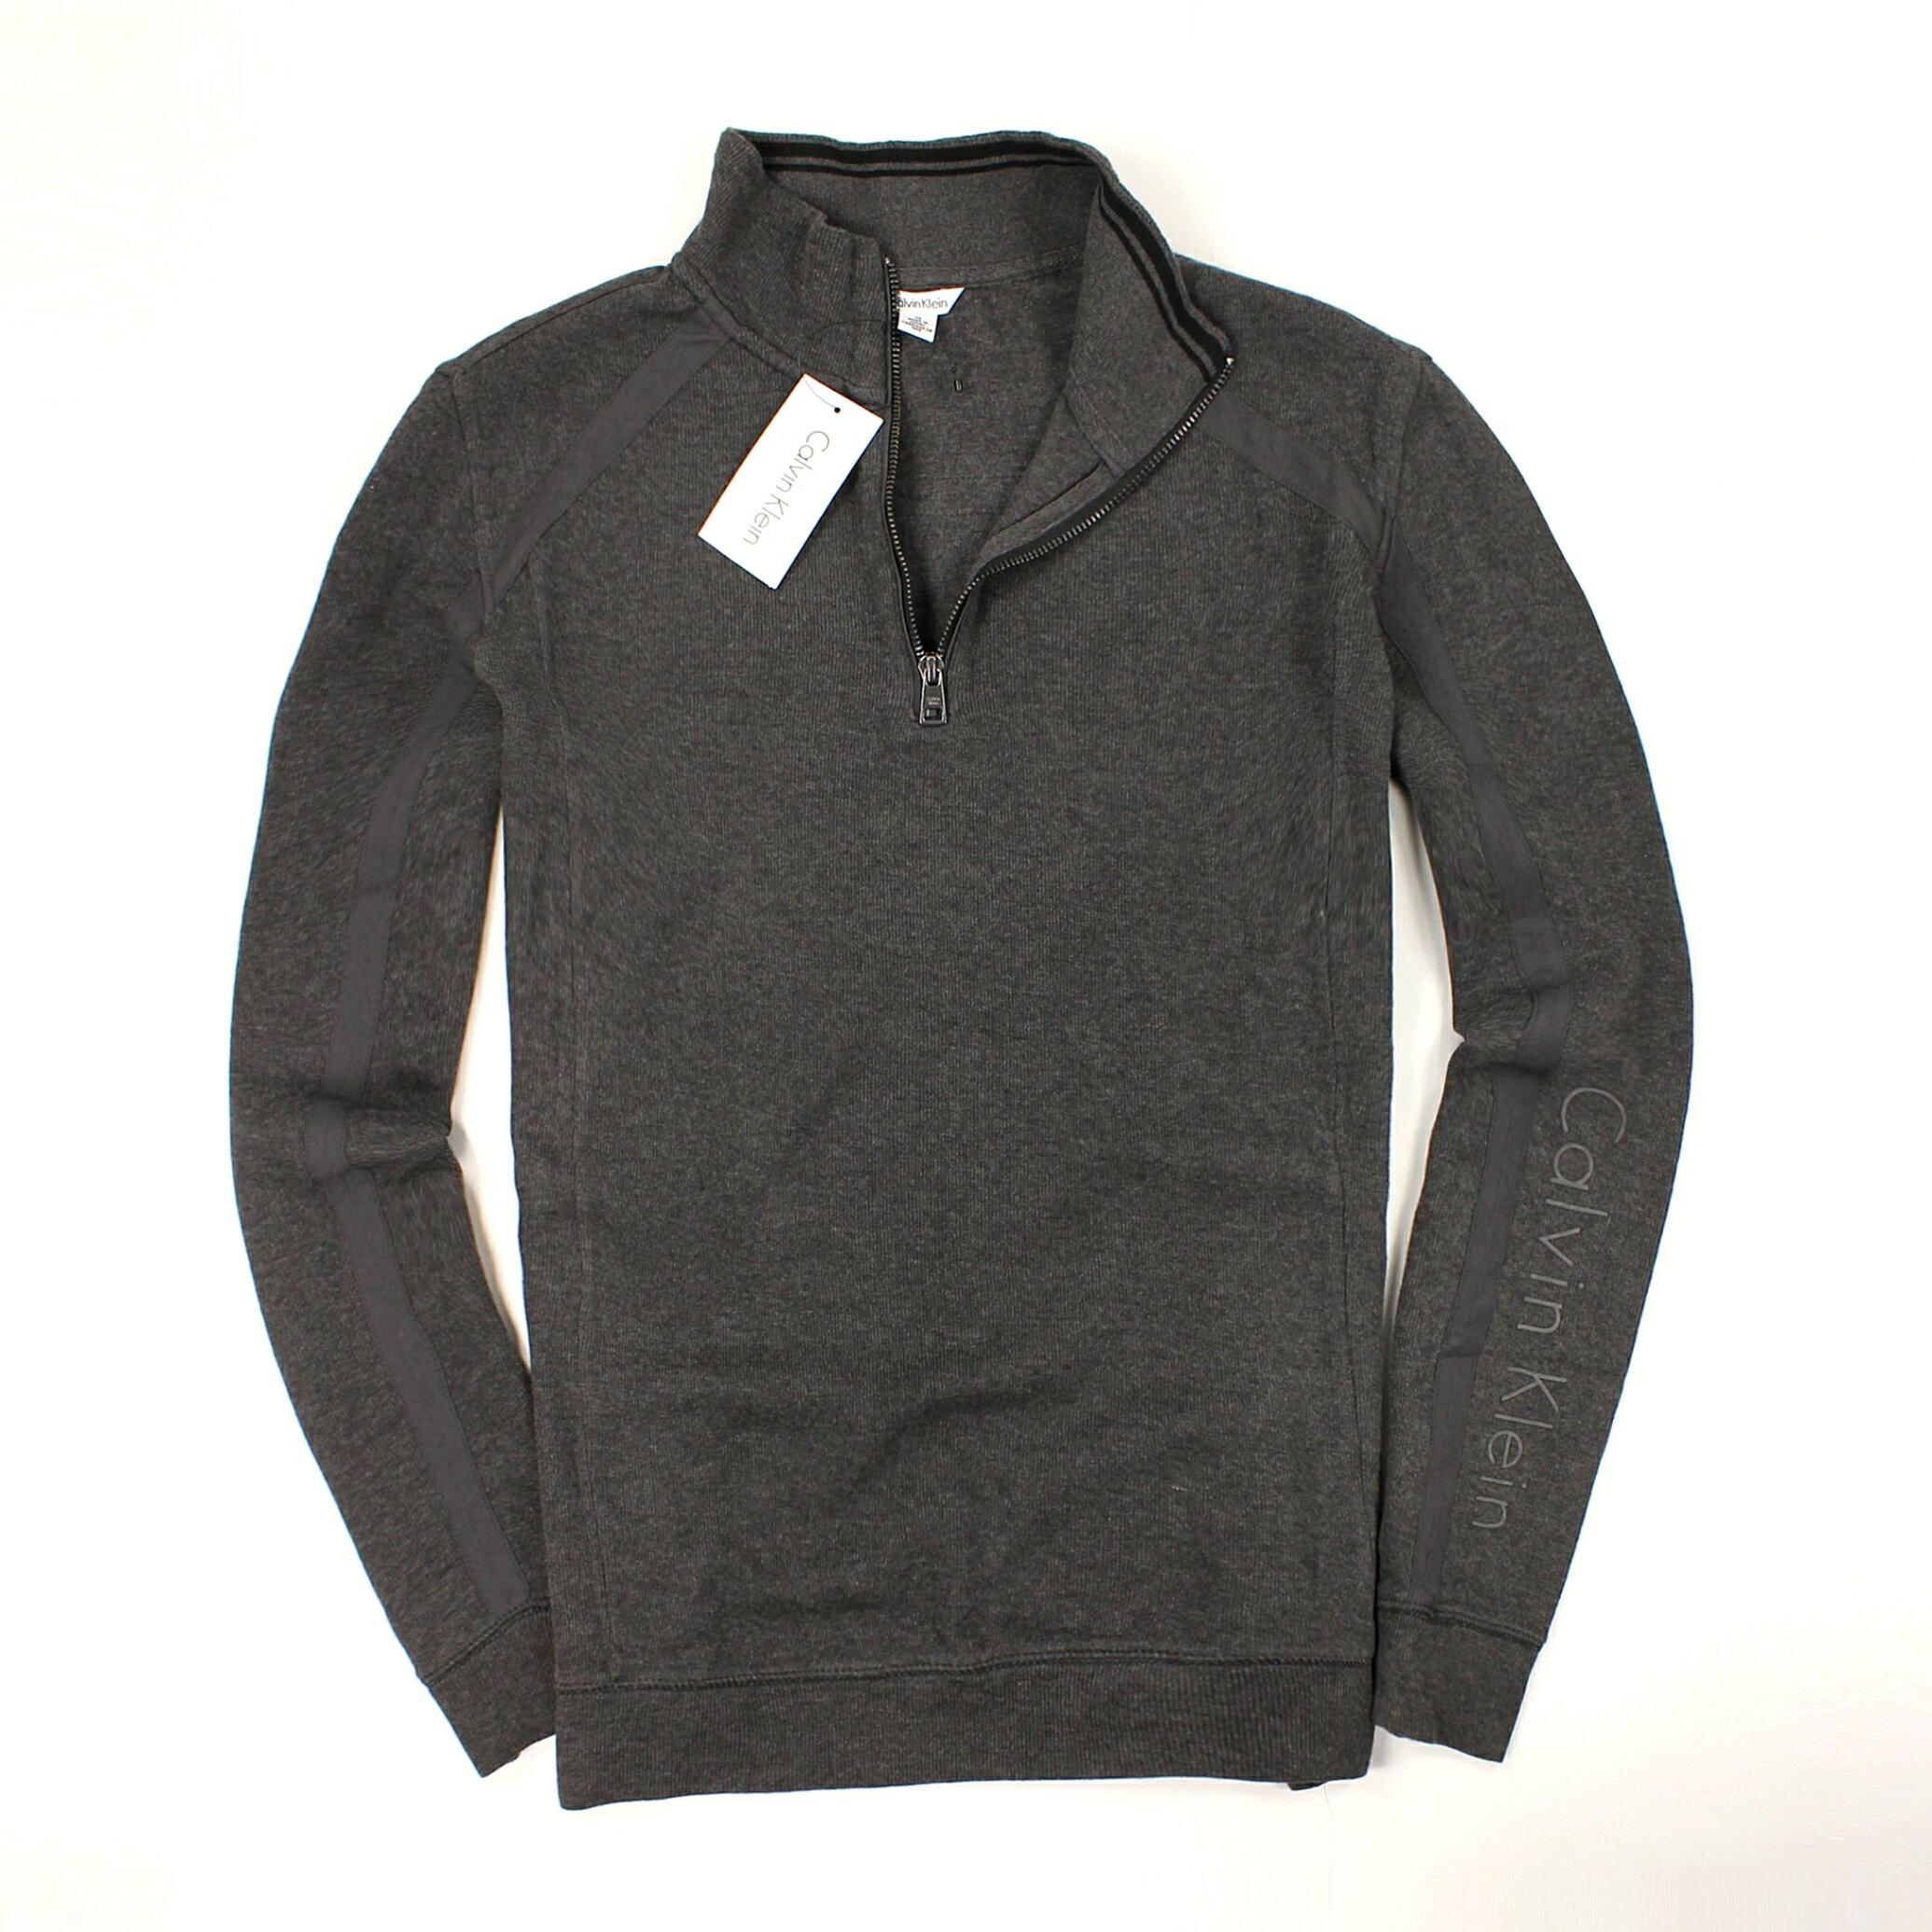 美國百分百【全新真品】Calvin Klein 針織衫 CK 棉質毛衣 線衫 鐵灰 半拉 彈性 純棉 Logo 男款 M號 B666